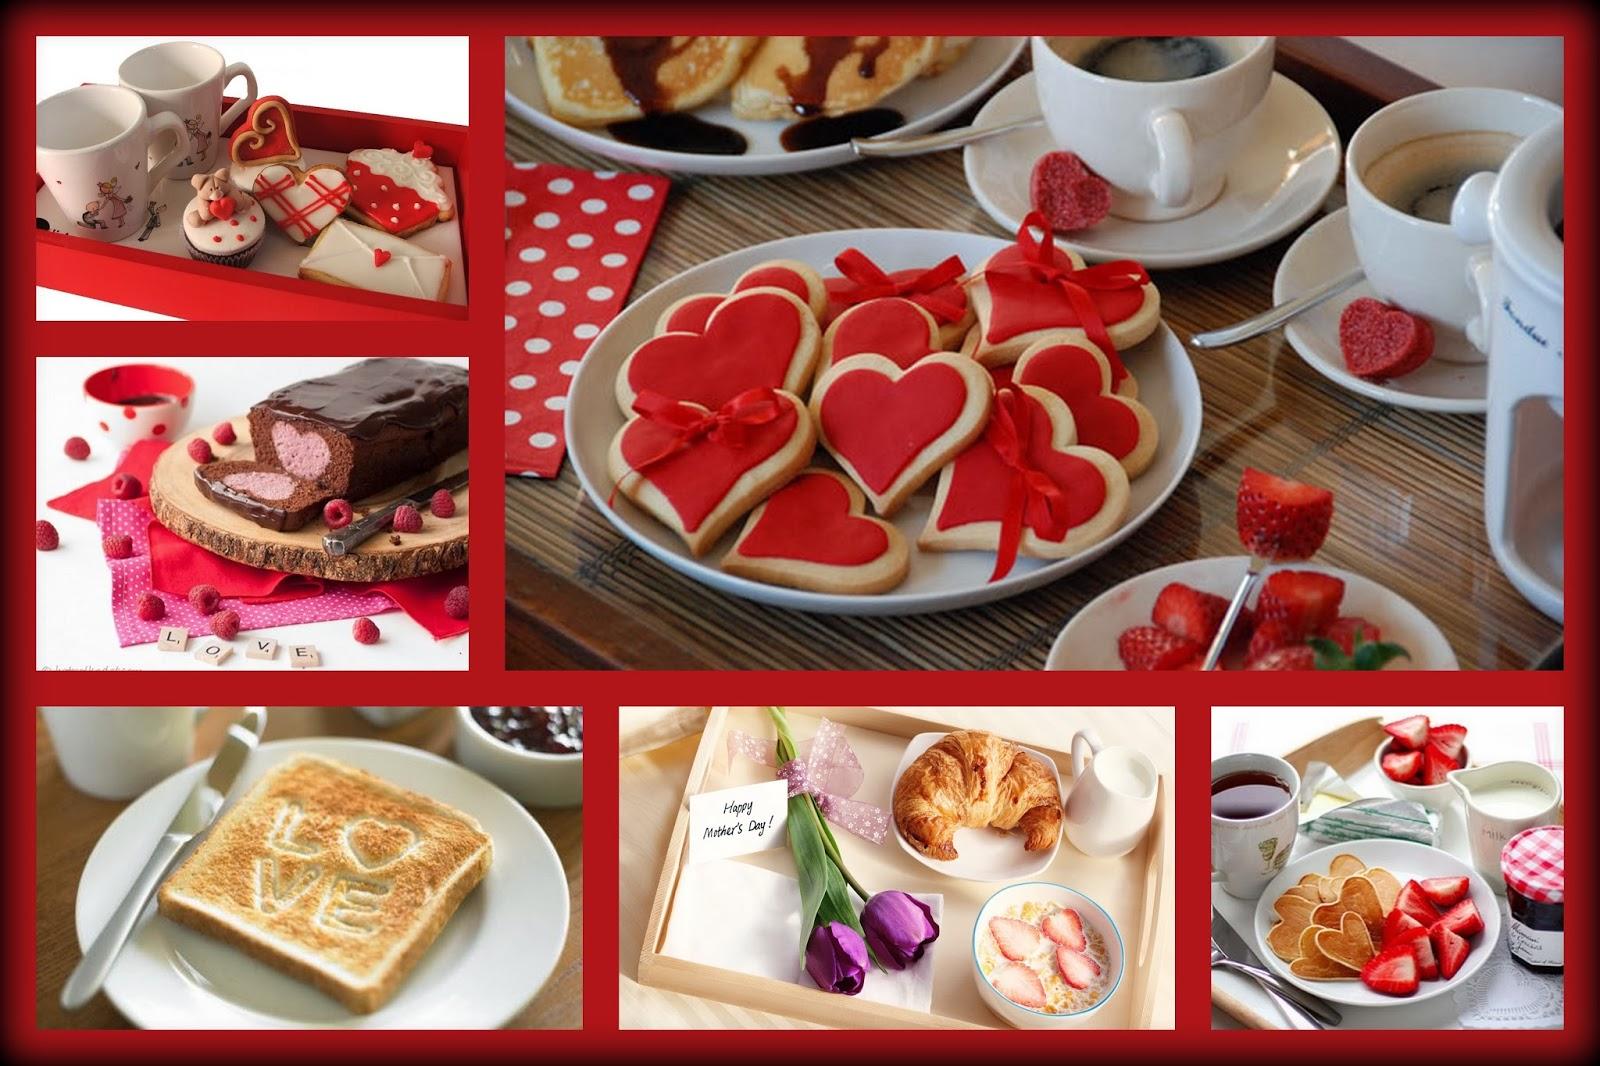 Moda y belleza san valentin 2 ideas para regalar - Preparar desayuno romantico ...